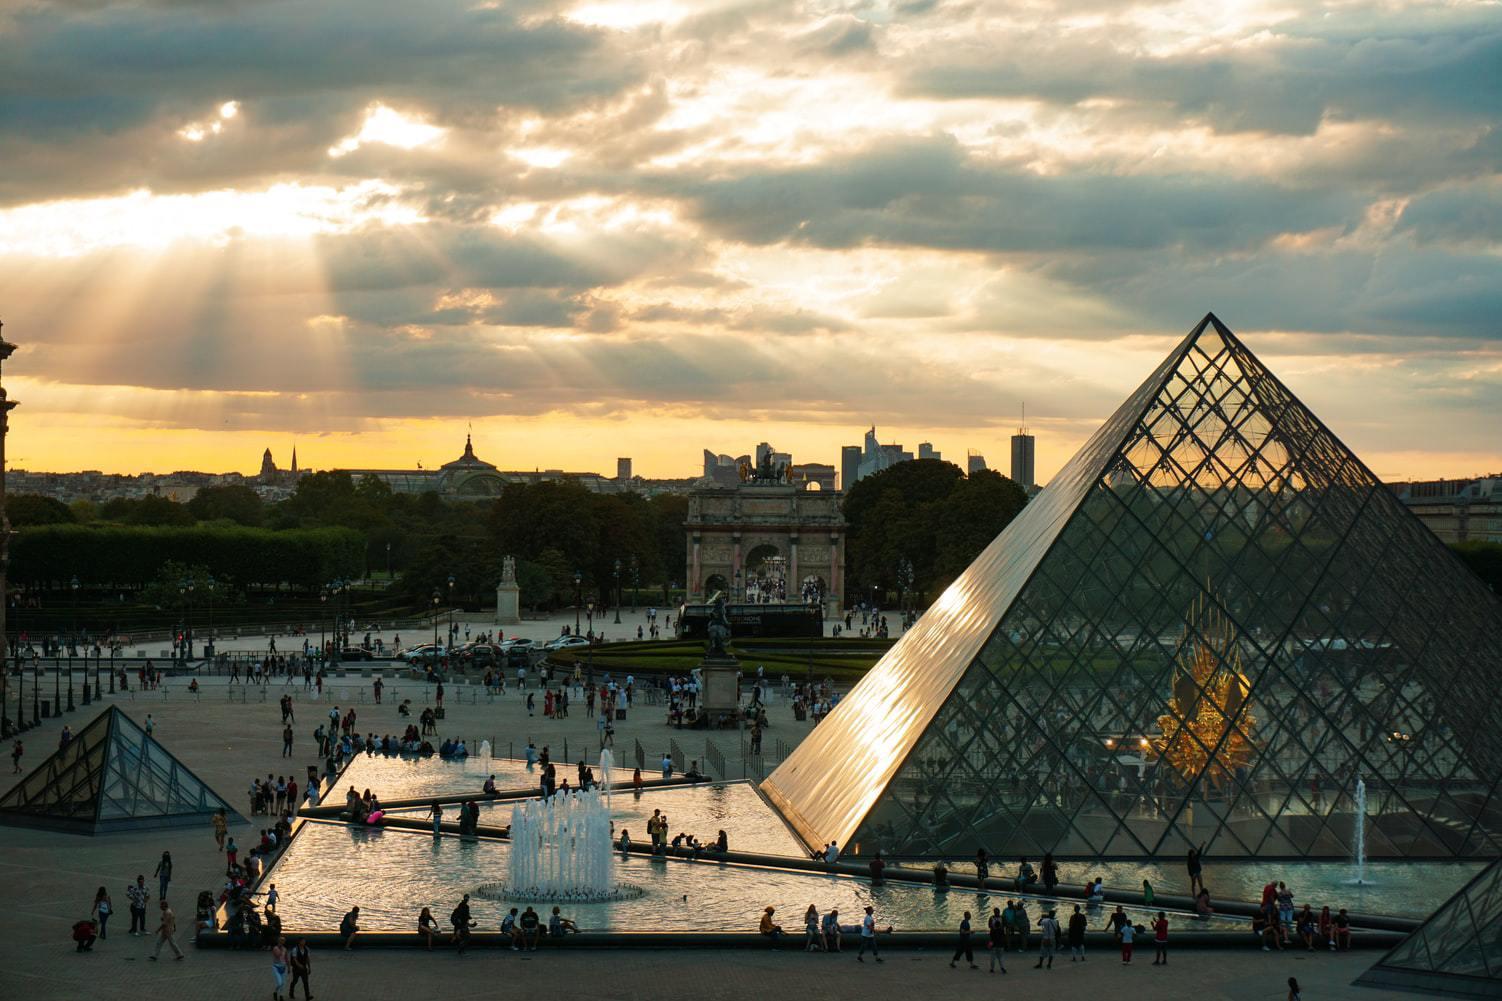 Лувр оцифровал и опубликовал онлайн все свои произведения искусства.